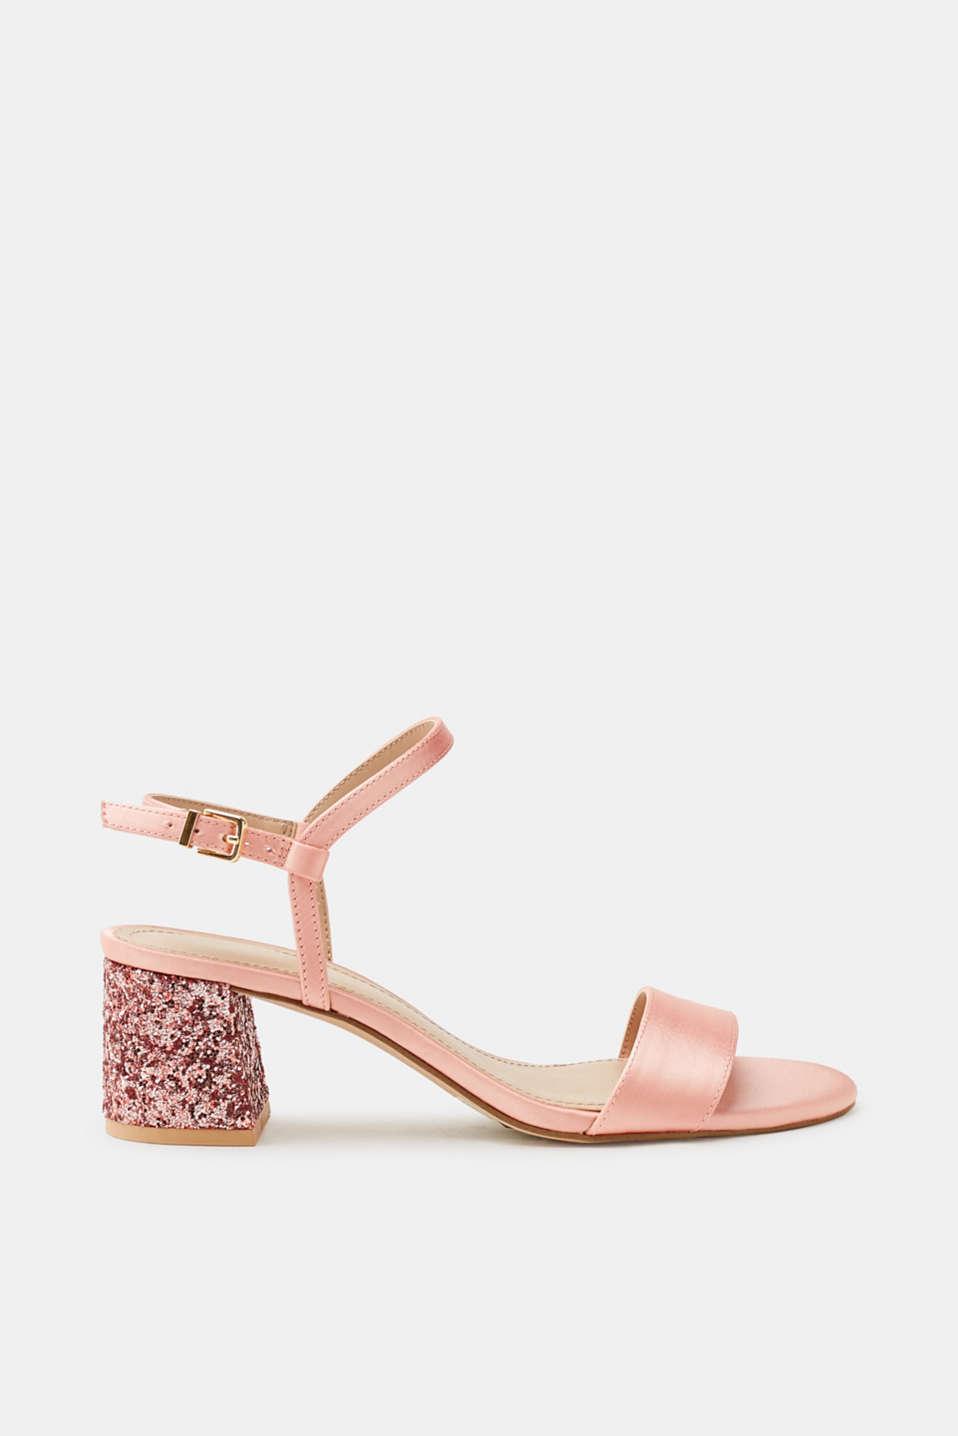 Sandales Avec Beige Paillettes Scintillantes Pour Les Femmes Esprit VSLv6kv